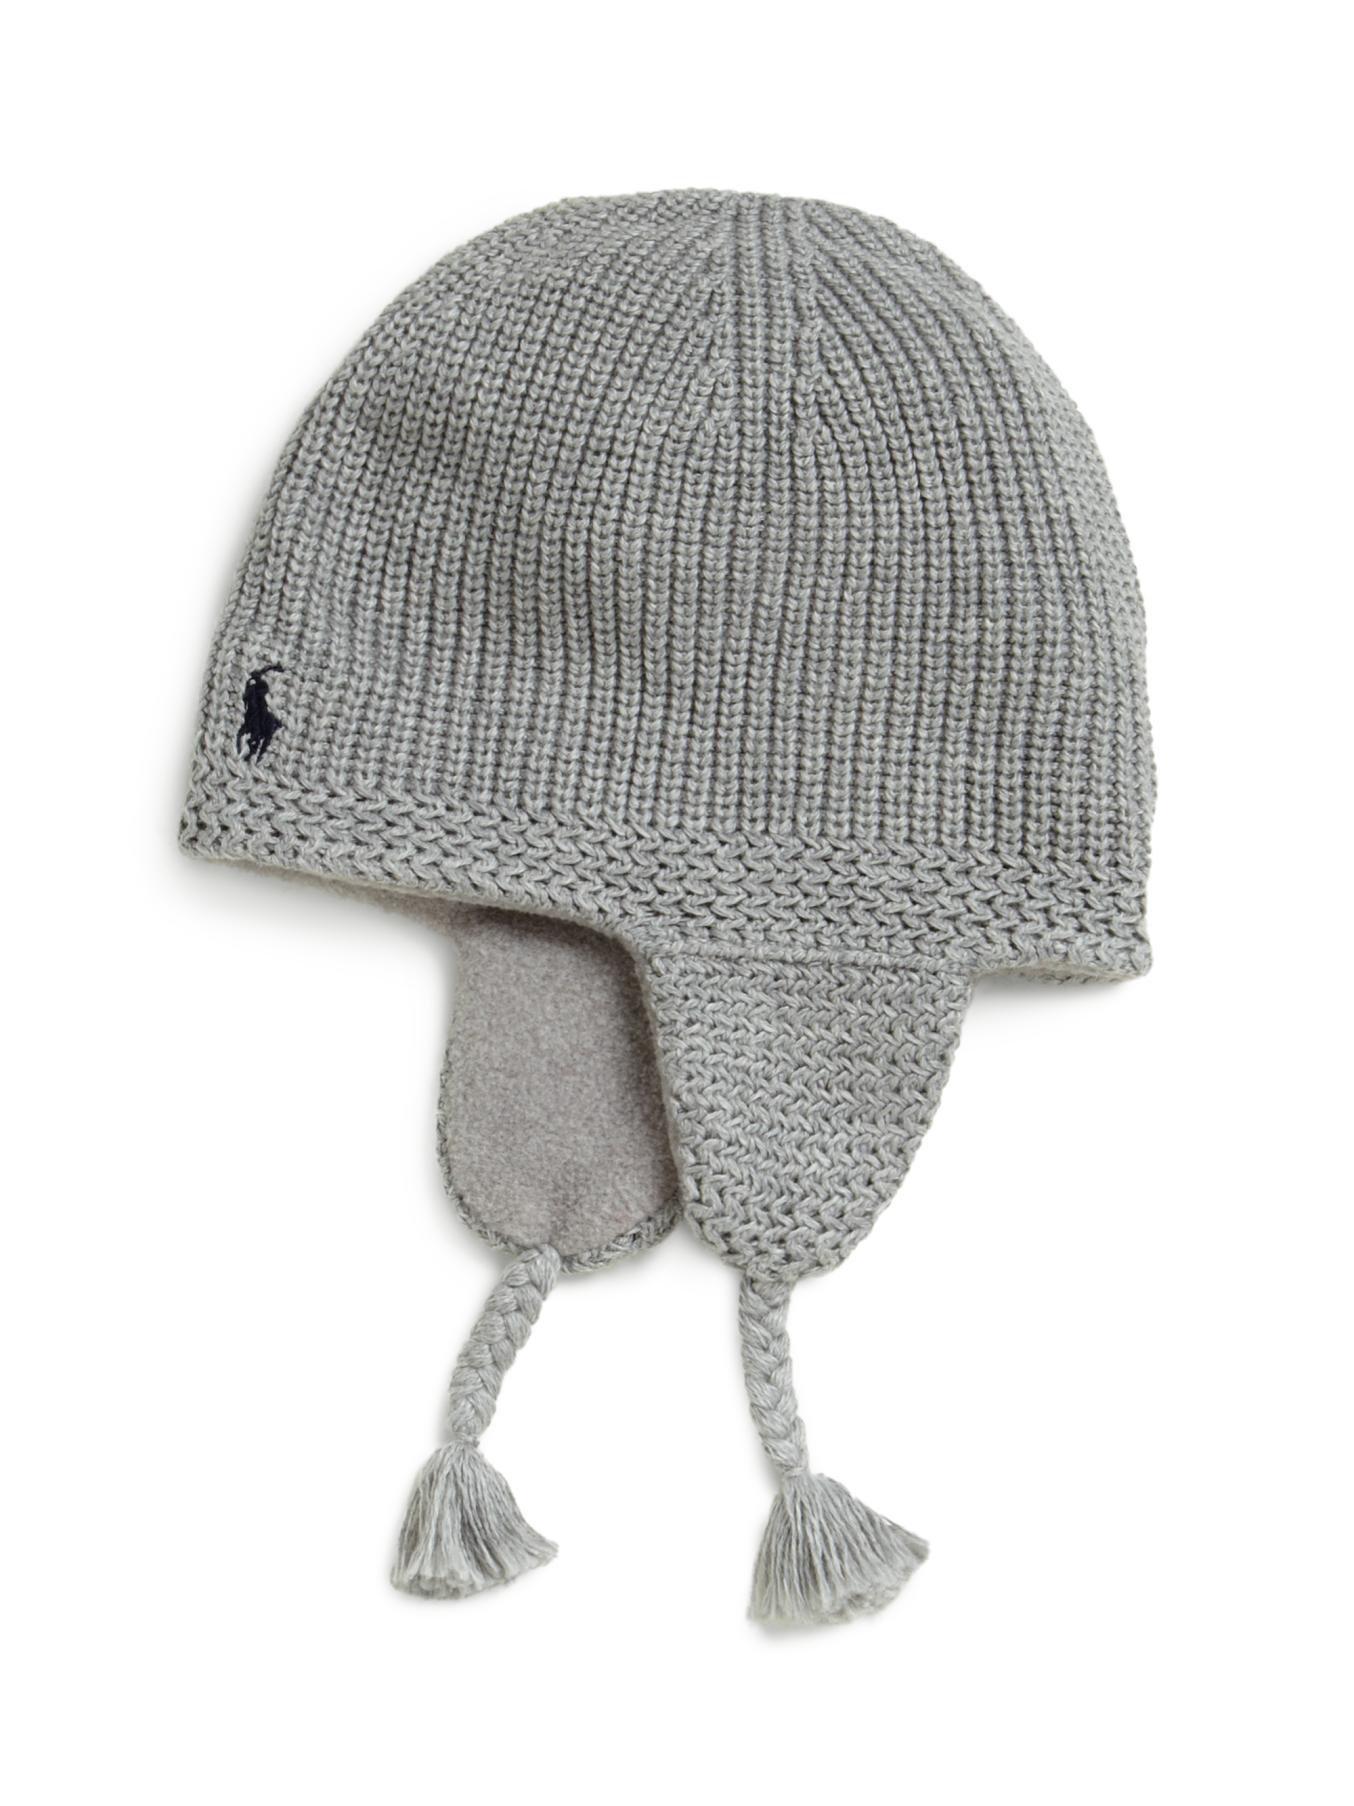 Lyst - Ralph Lauren Toddler Boys Knit Earflap Hat in Gray for Men 4ec091dd62b